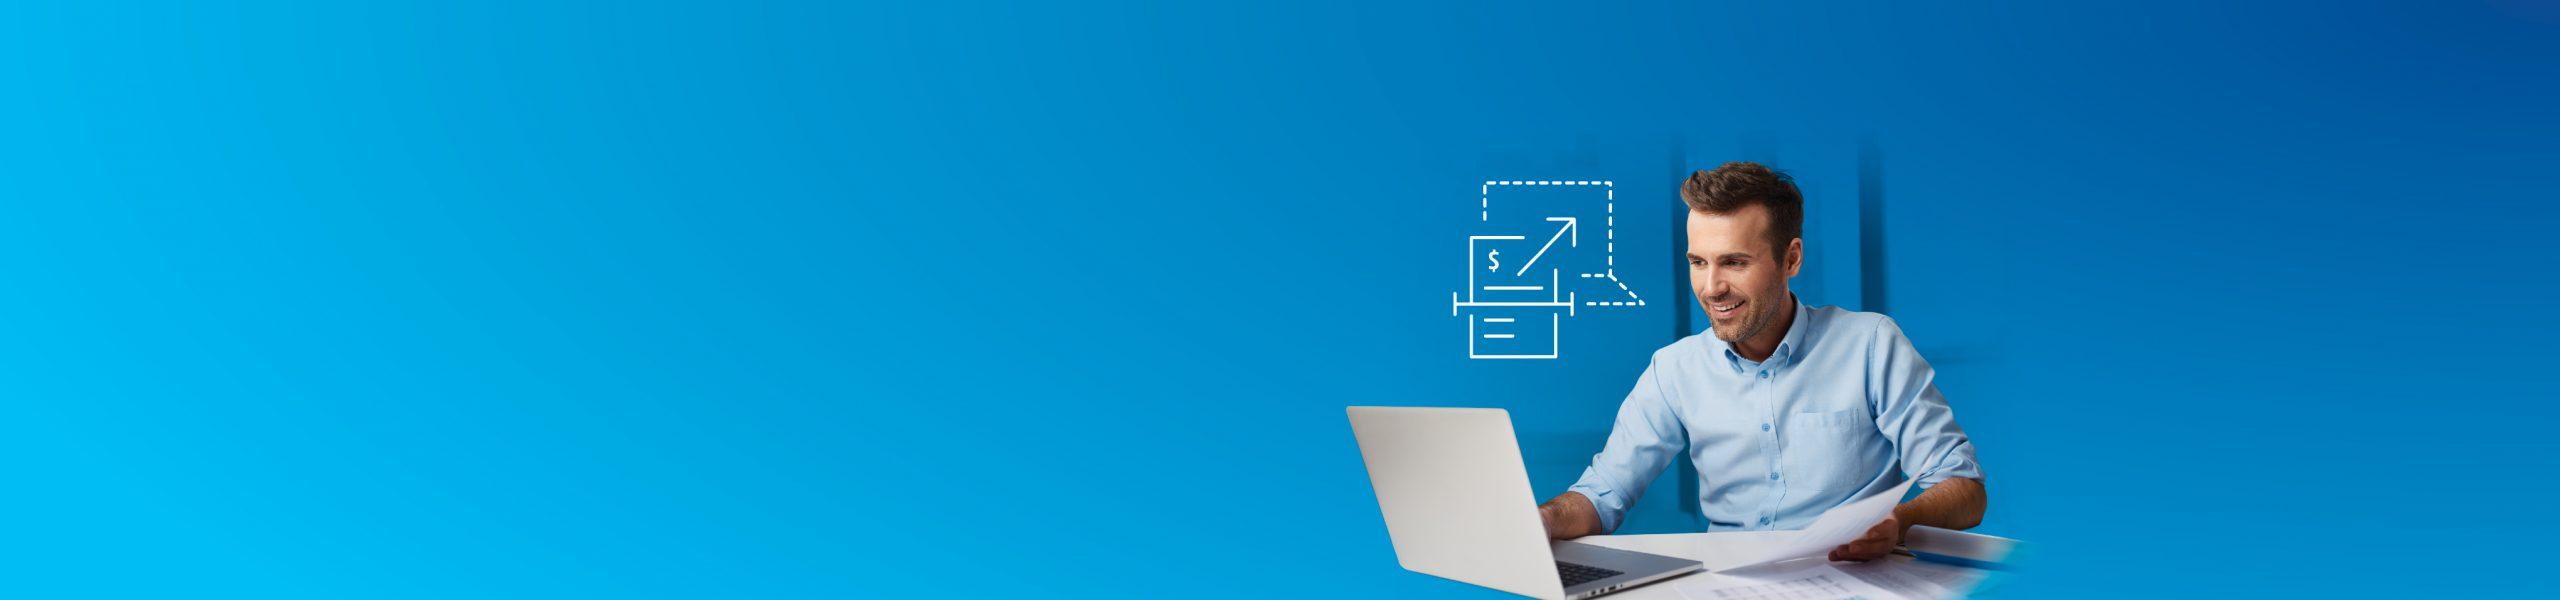 __02_externalizare_procesarea_facturilot_header_website